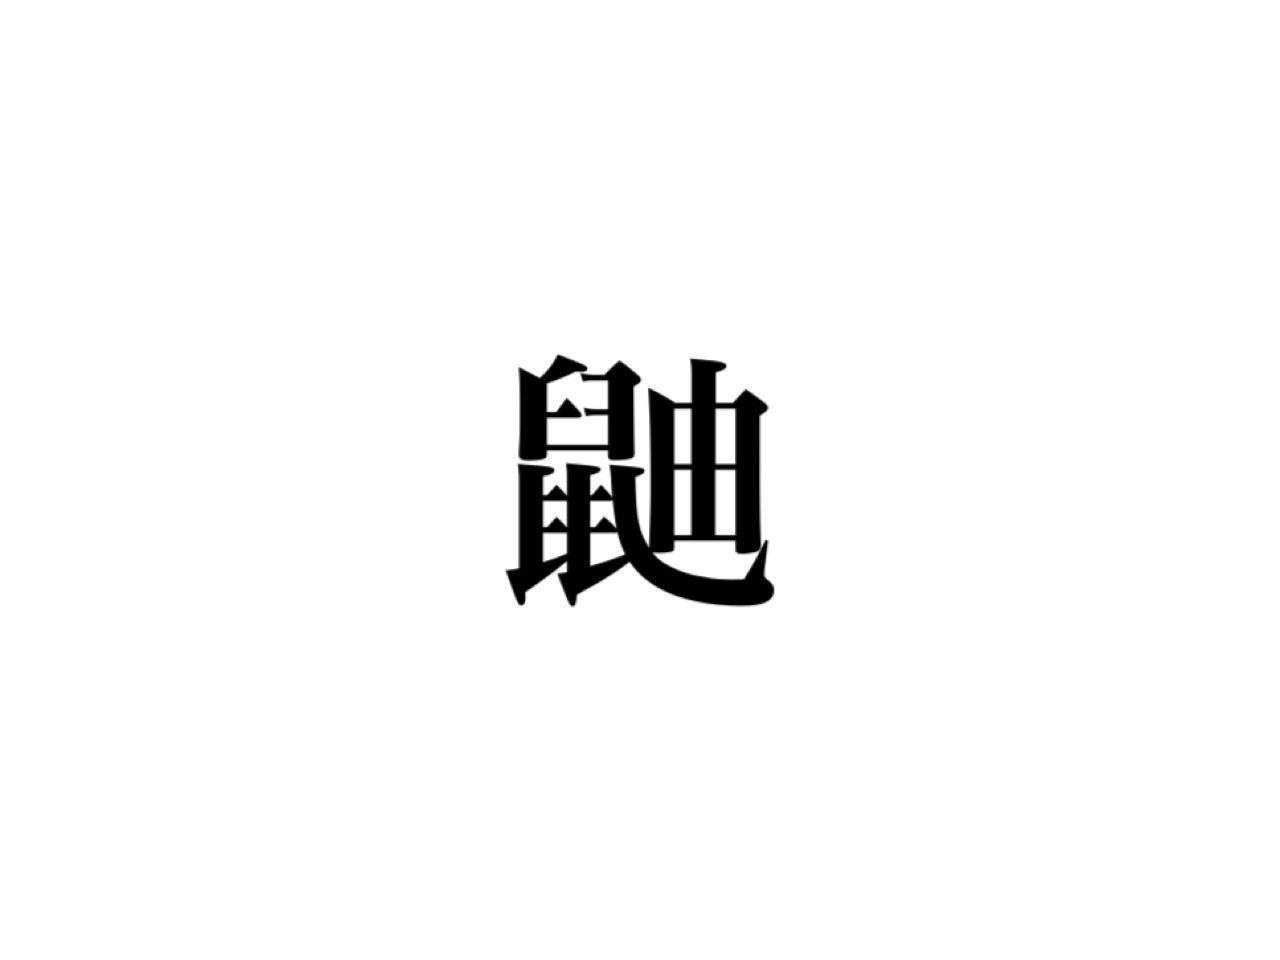 漢字 一文字 難しい